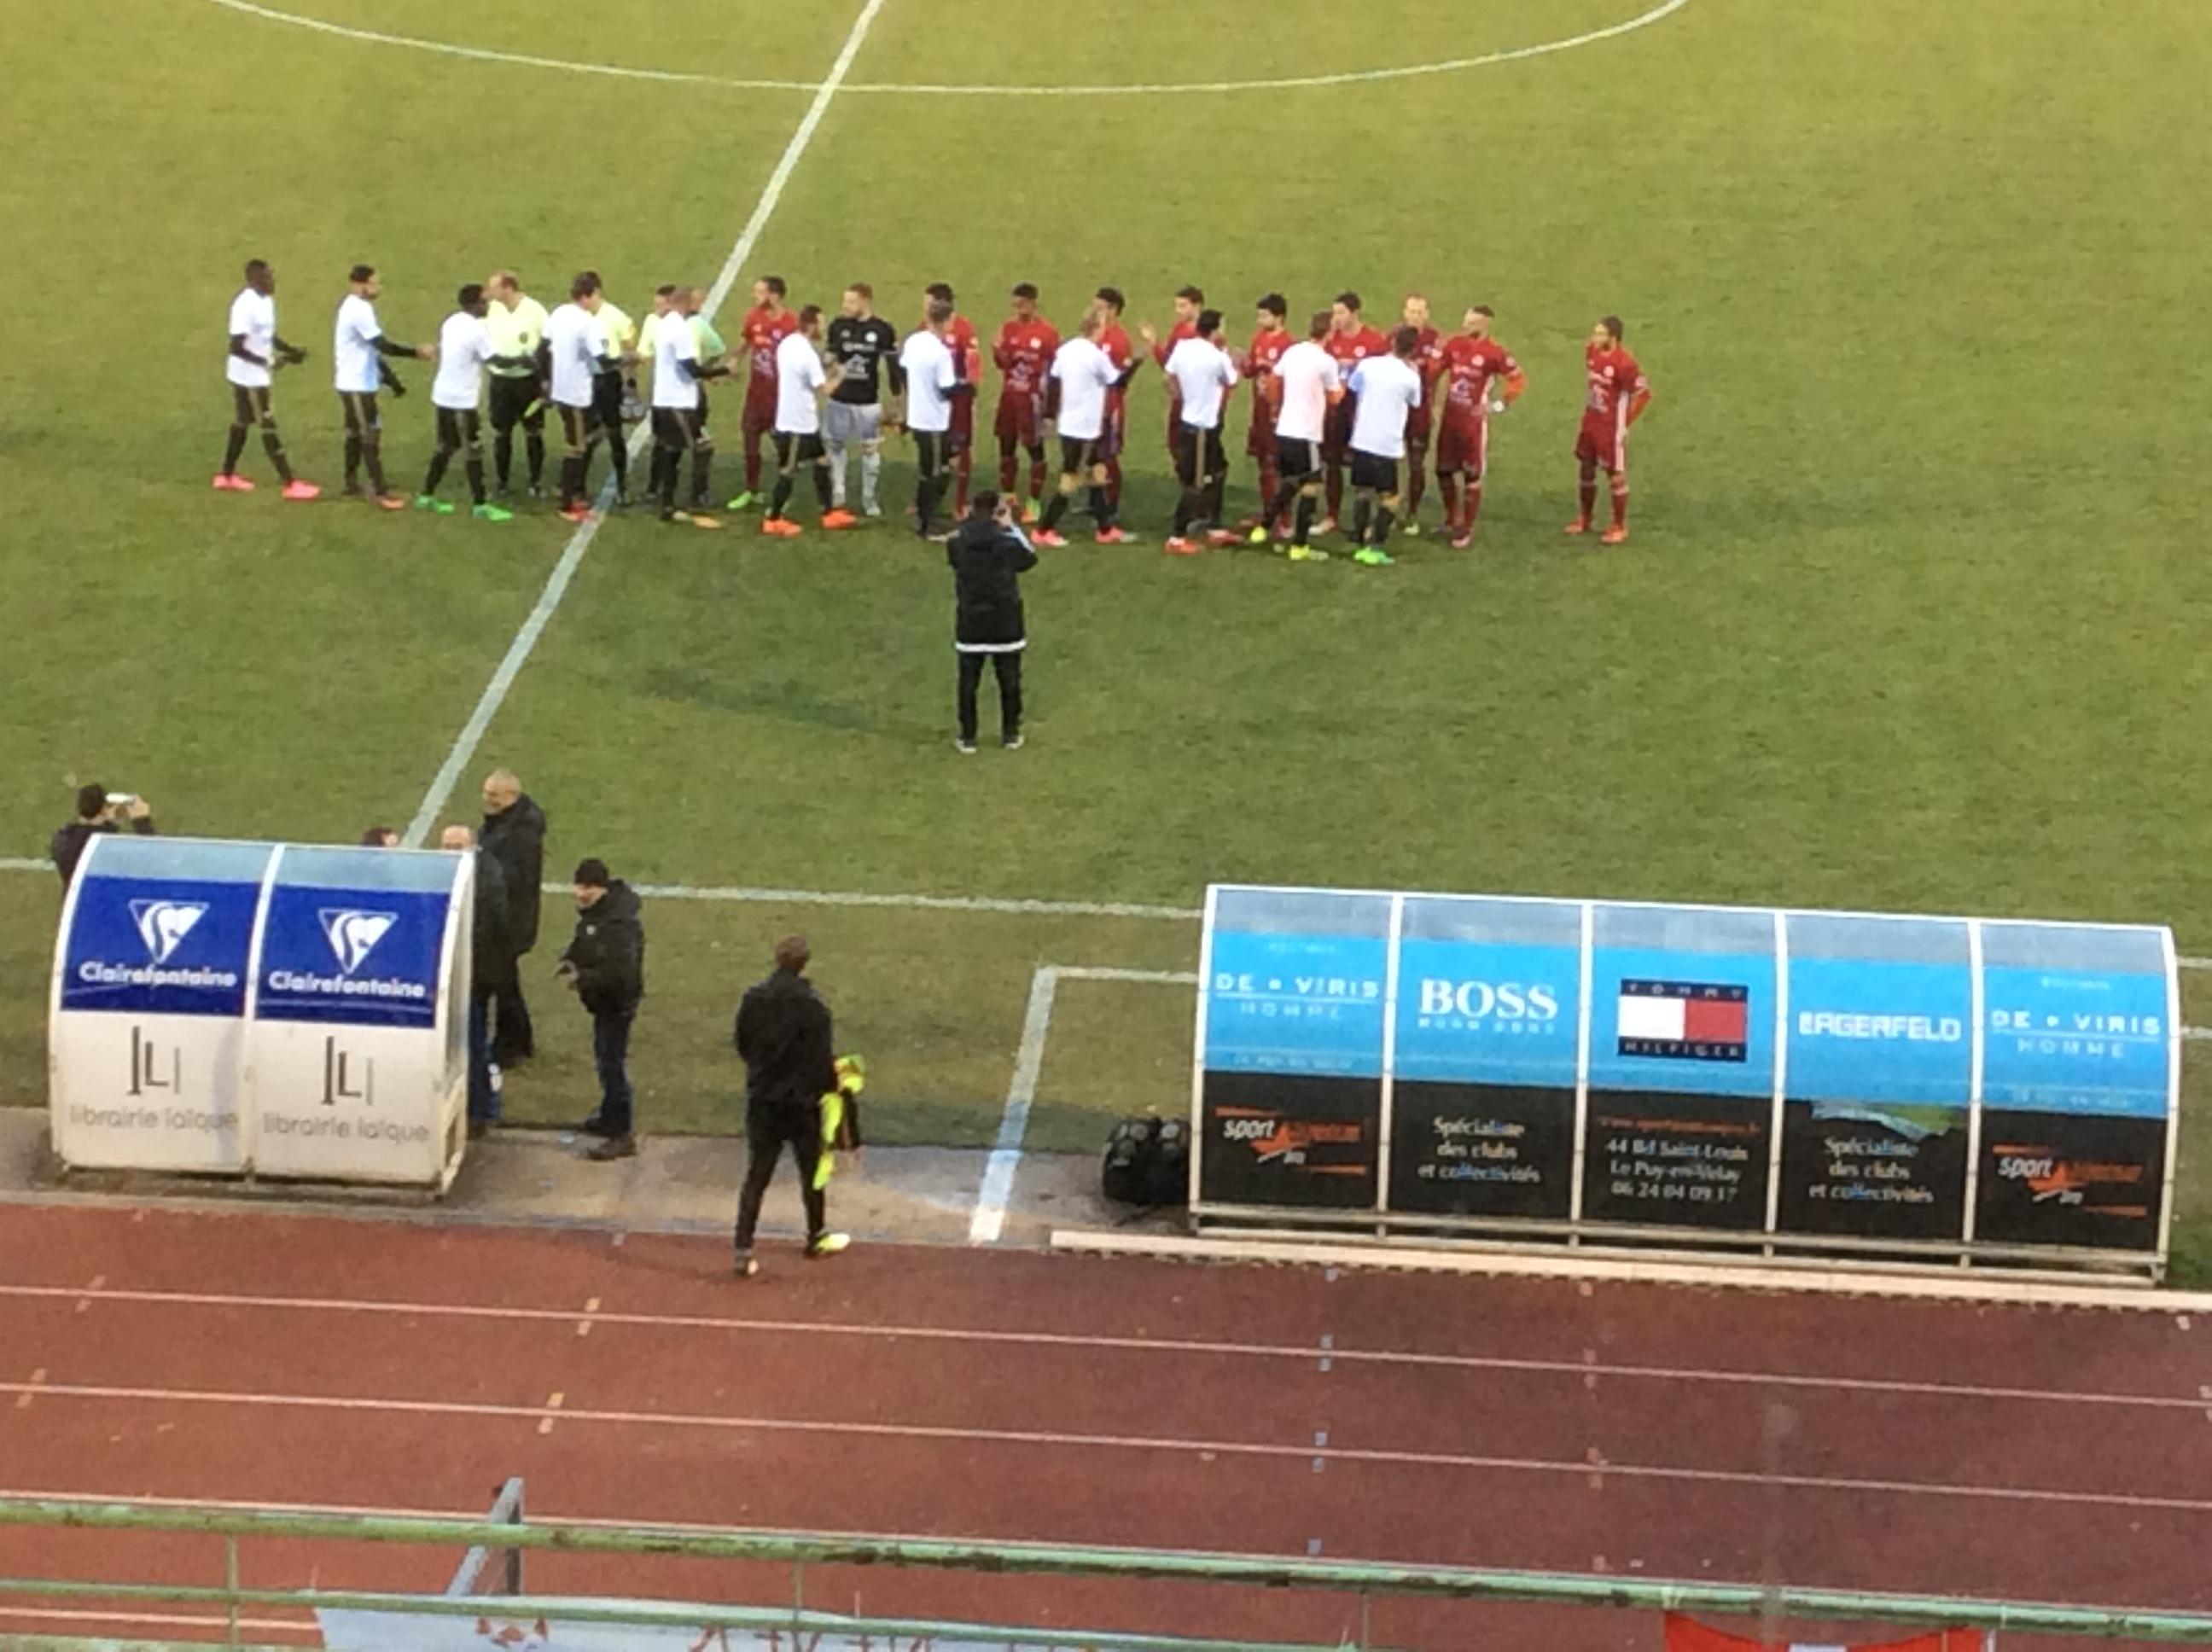 nationale 2 foot le puy foot 43 0-0 Annecy après match 101217